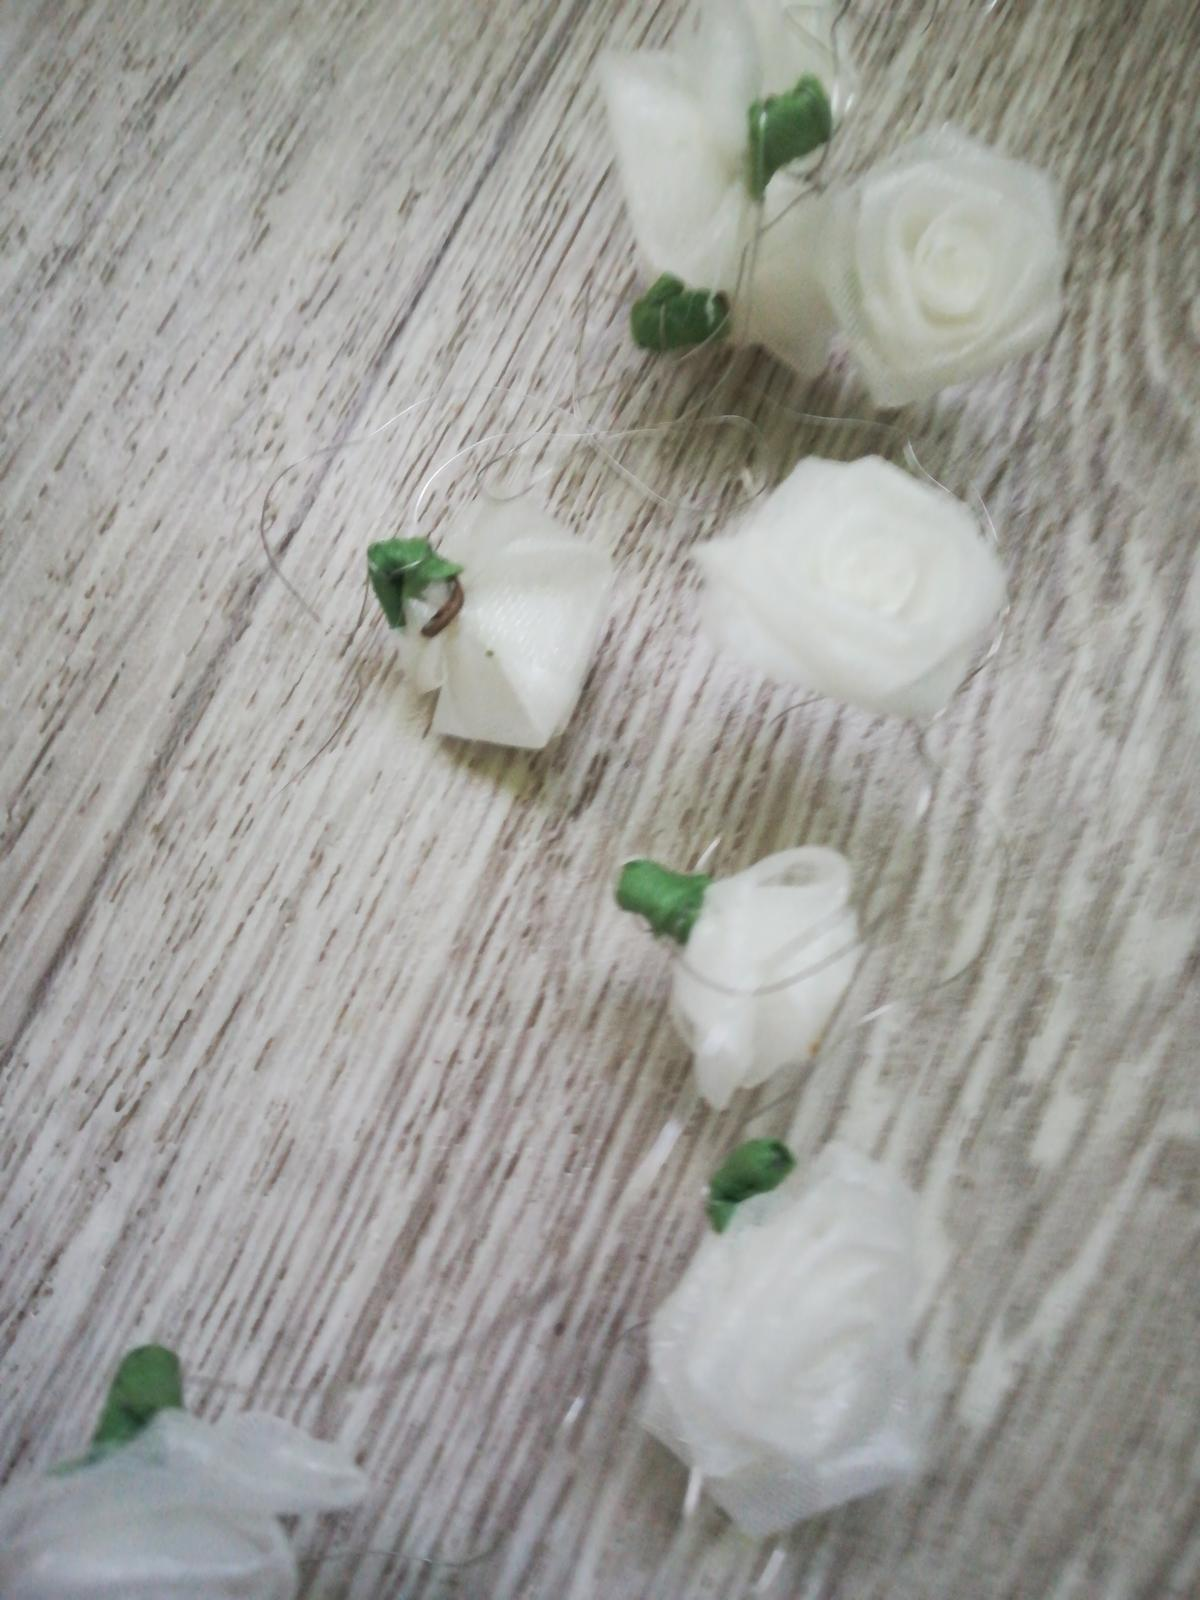 Ružičky na drote  - Obrázok č. 1